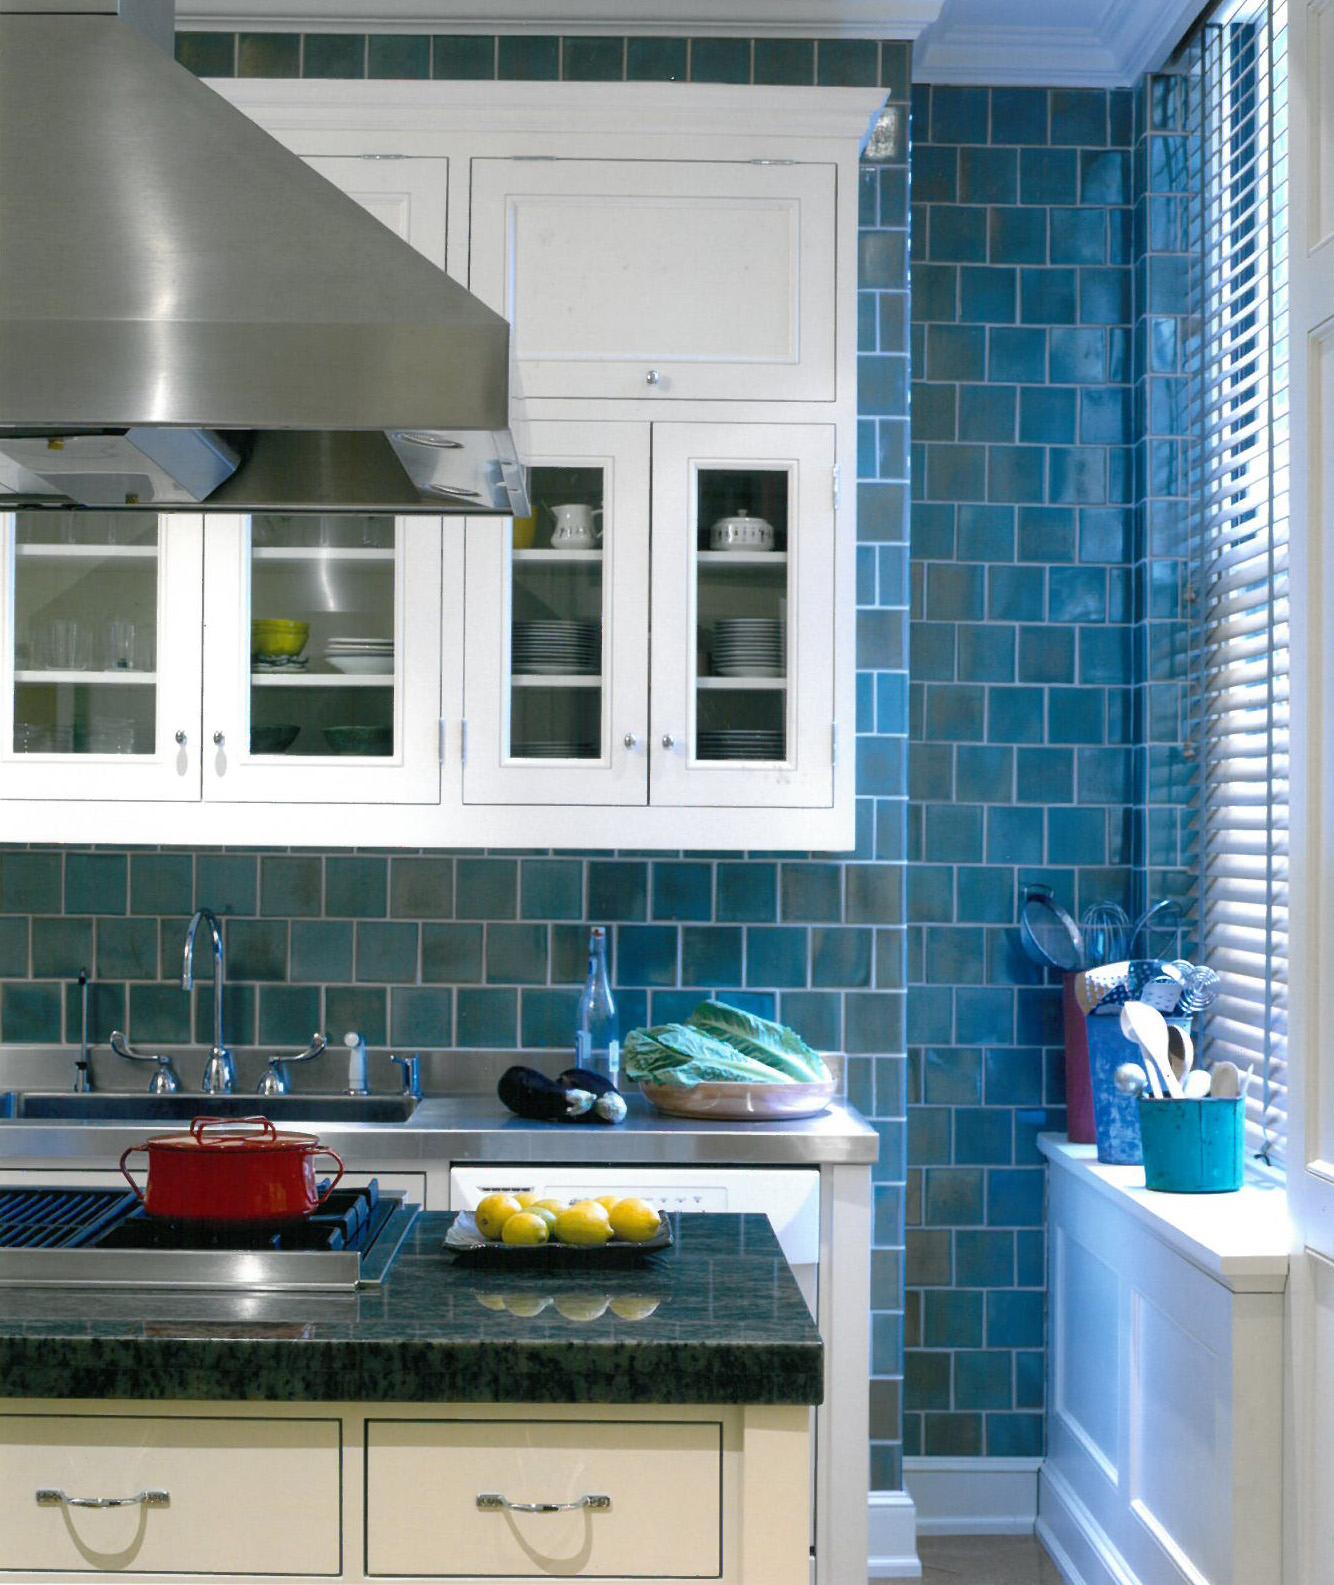 Mandlestam Kitchen Detail 200dpi.jpg